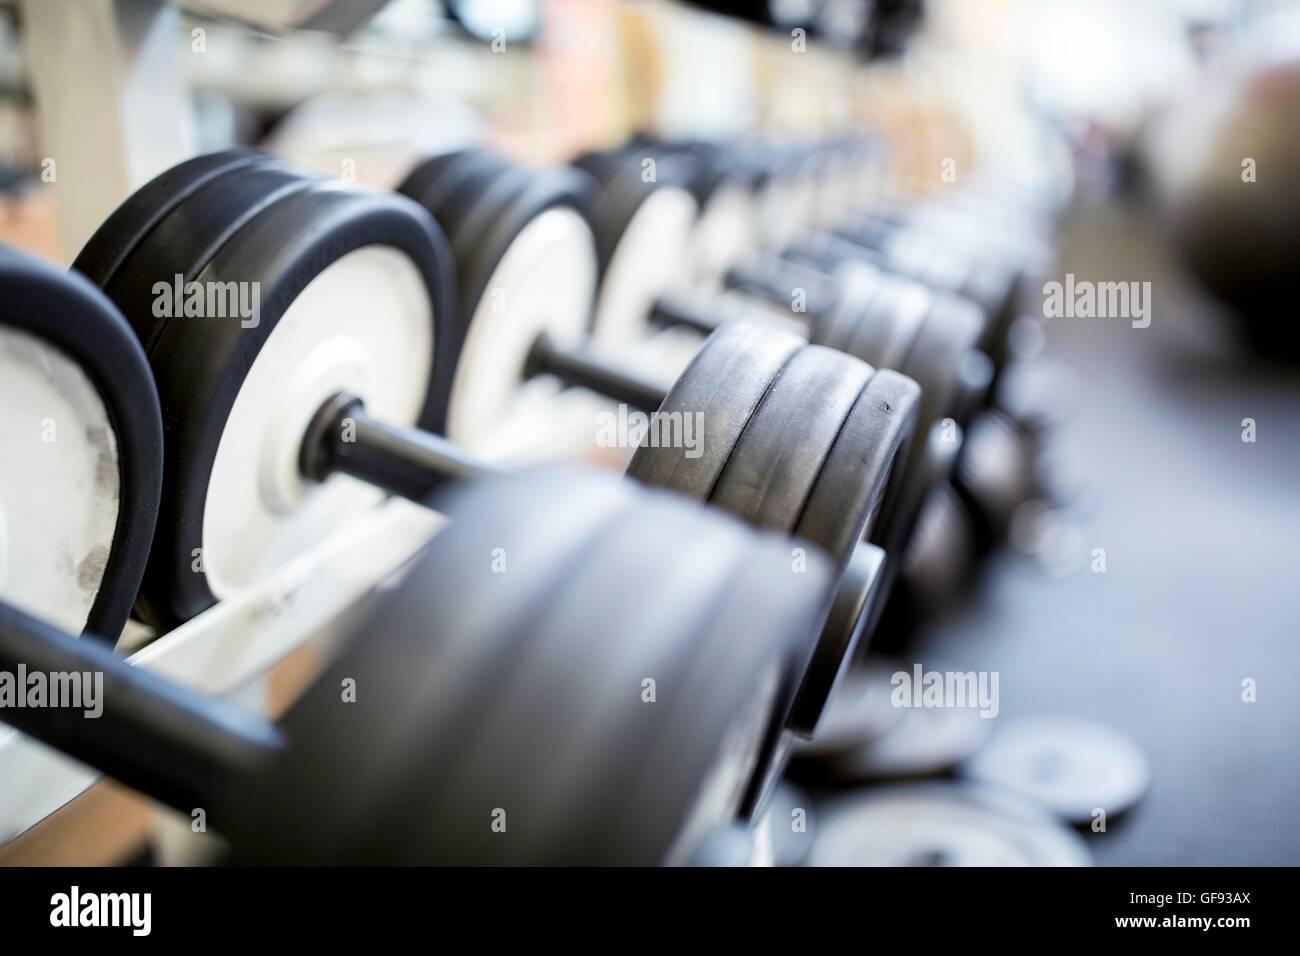 Liberados de la propiedad. Close-up de pesas pesadas dispuestos en fila en rack. Imagen De Stock